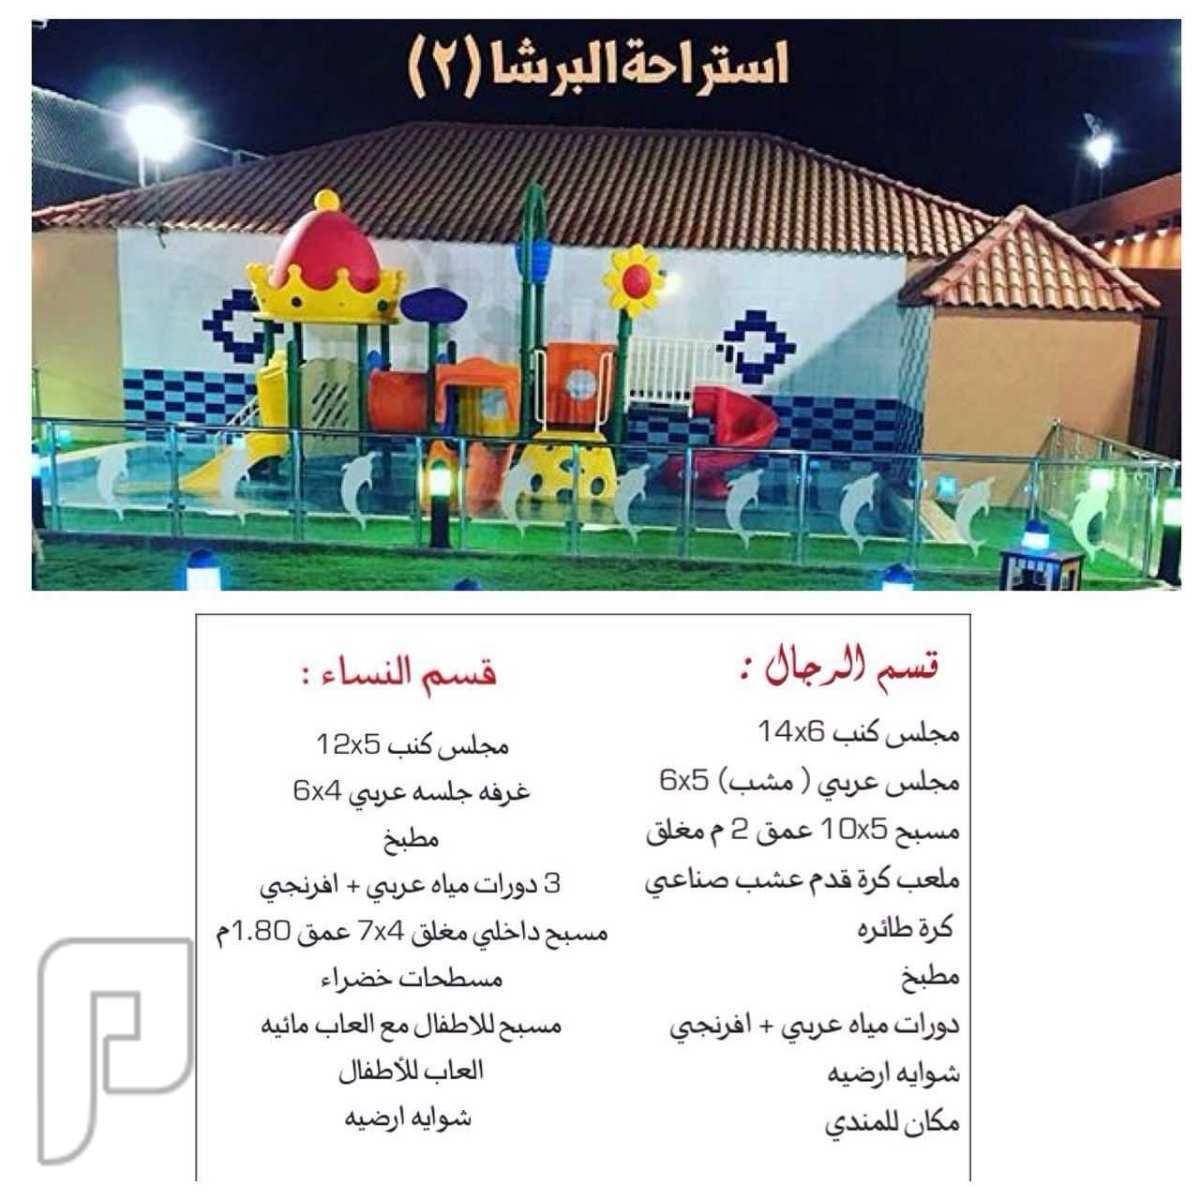 استراحه  للبيع الرياض ديراب